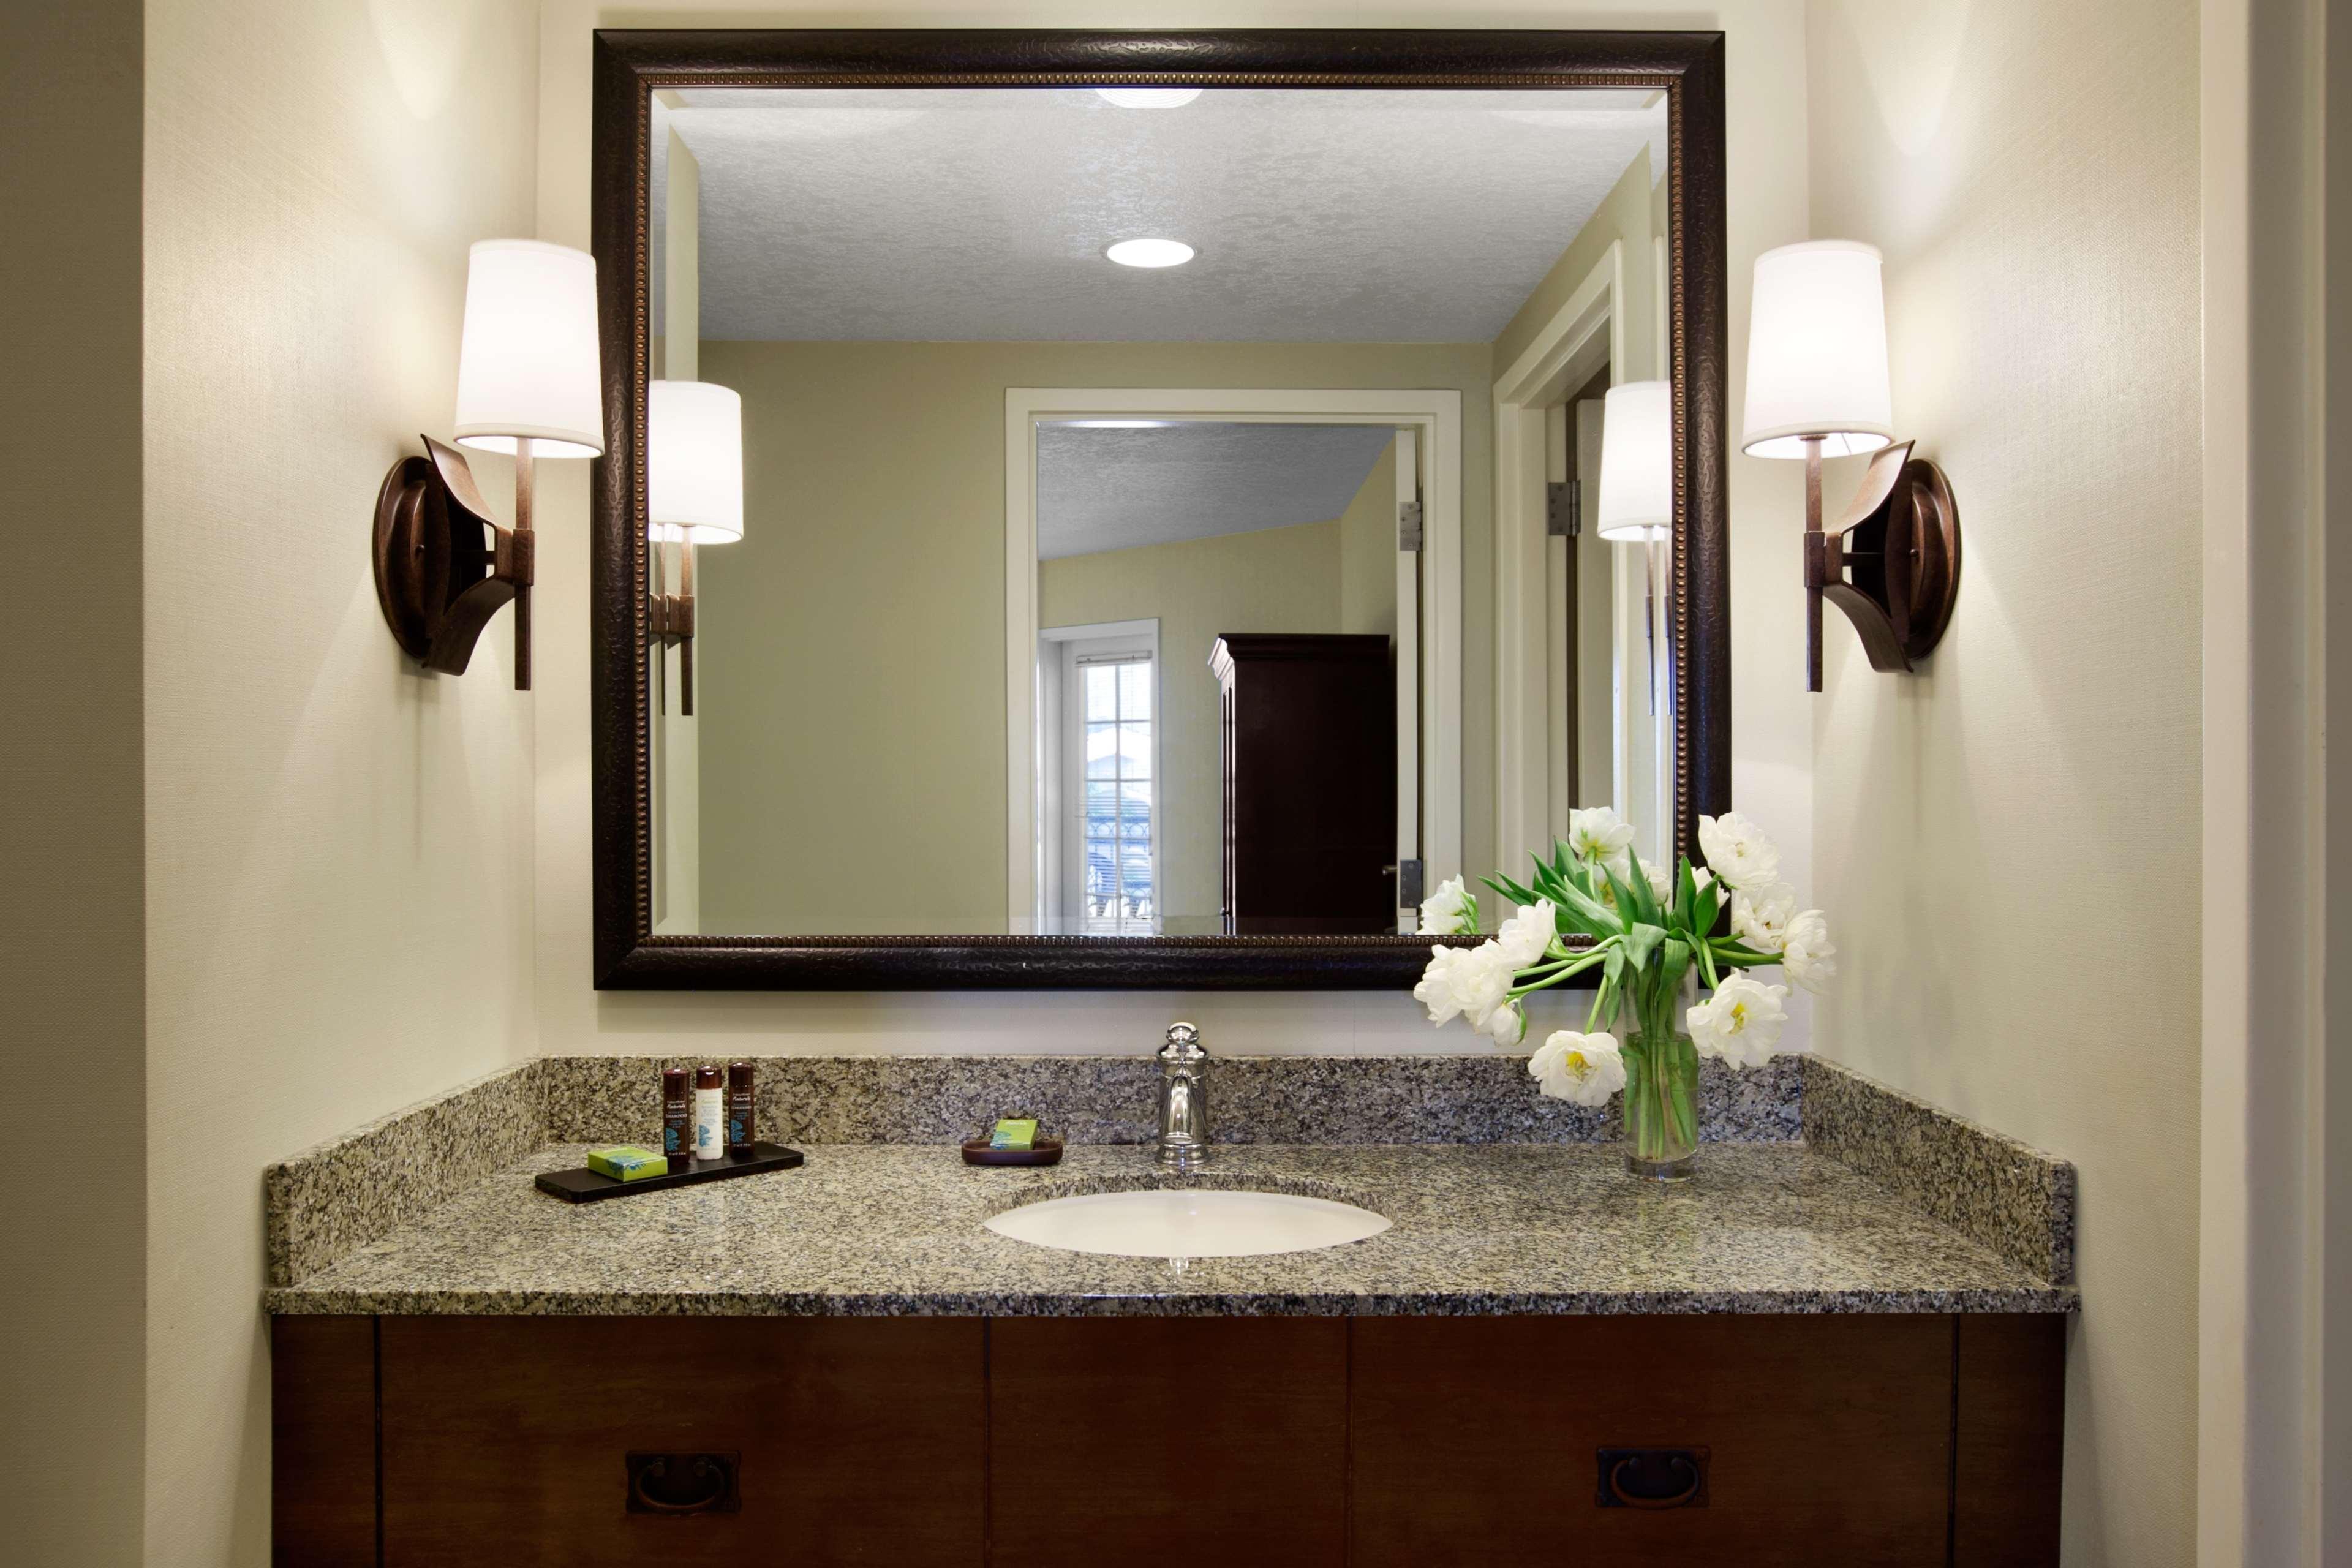 Embassy Suites by Hilton La Quinta Hotel & Spa image 22